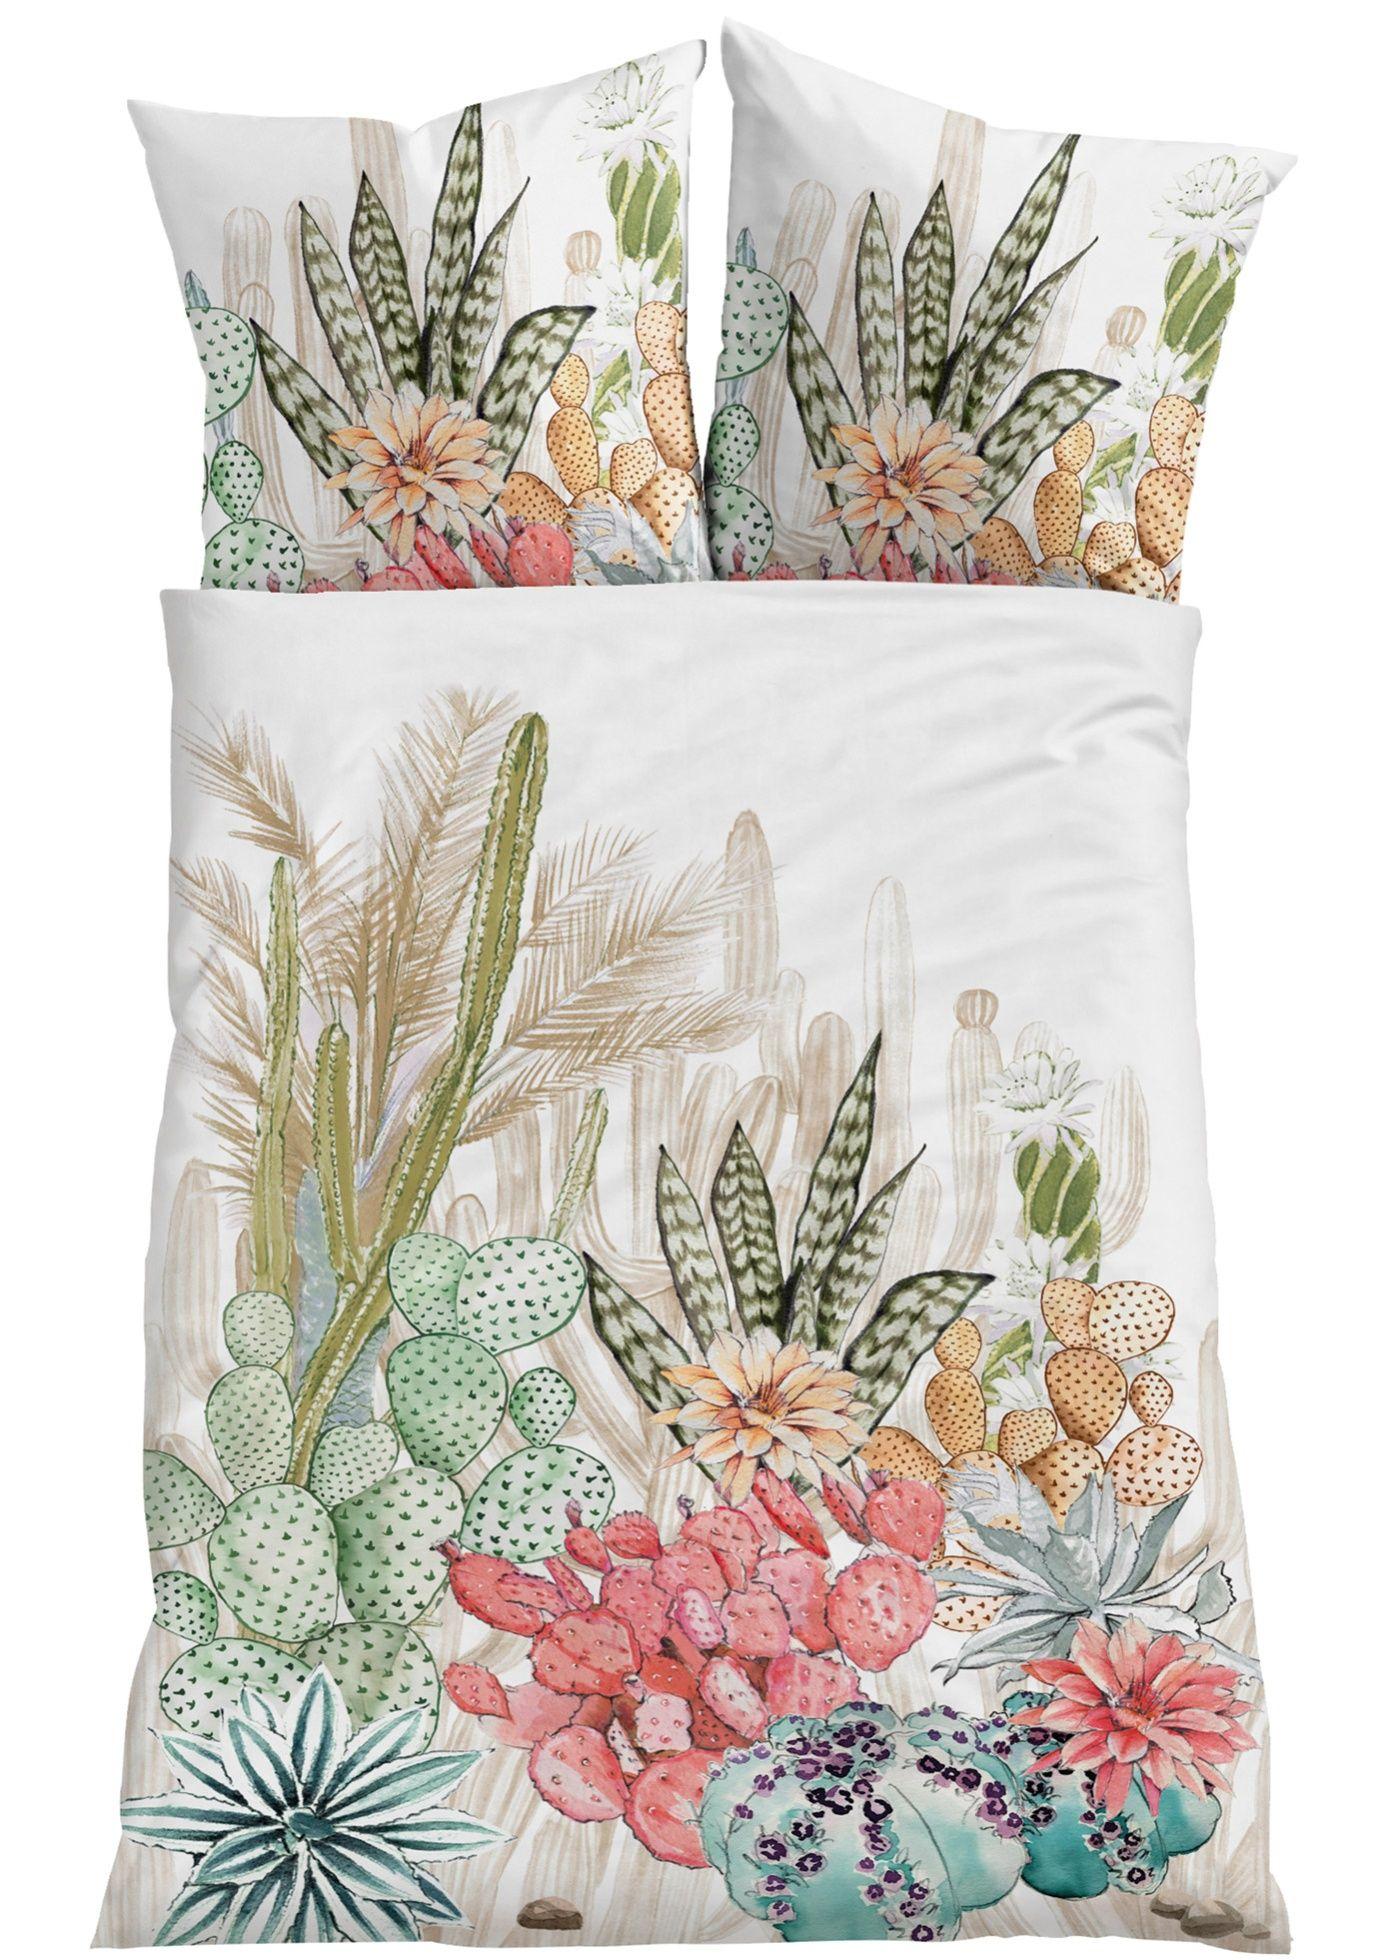 Bettwasche Kaktus Bettwasche Kaktus Doppelbett Bettwasche